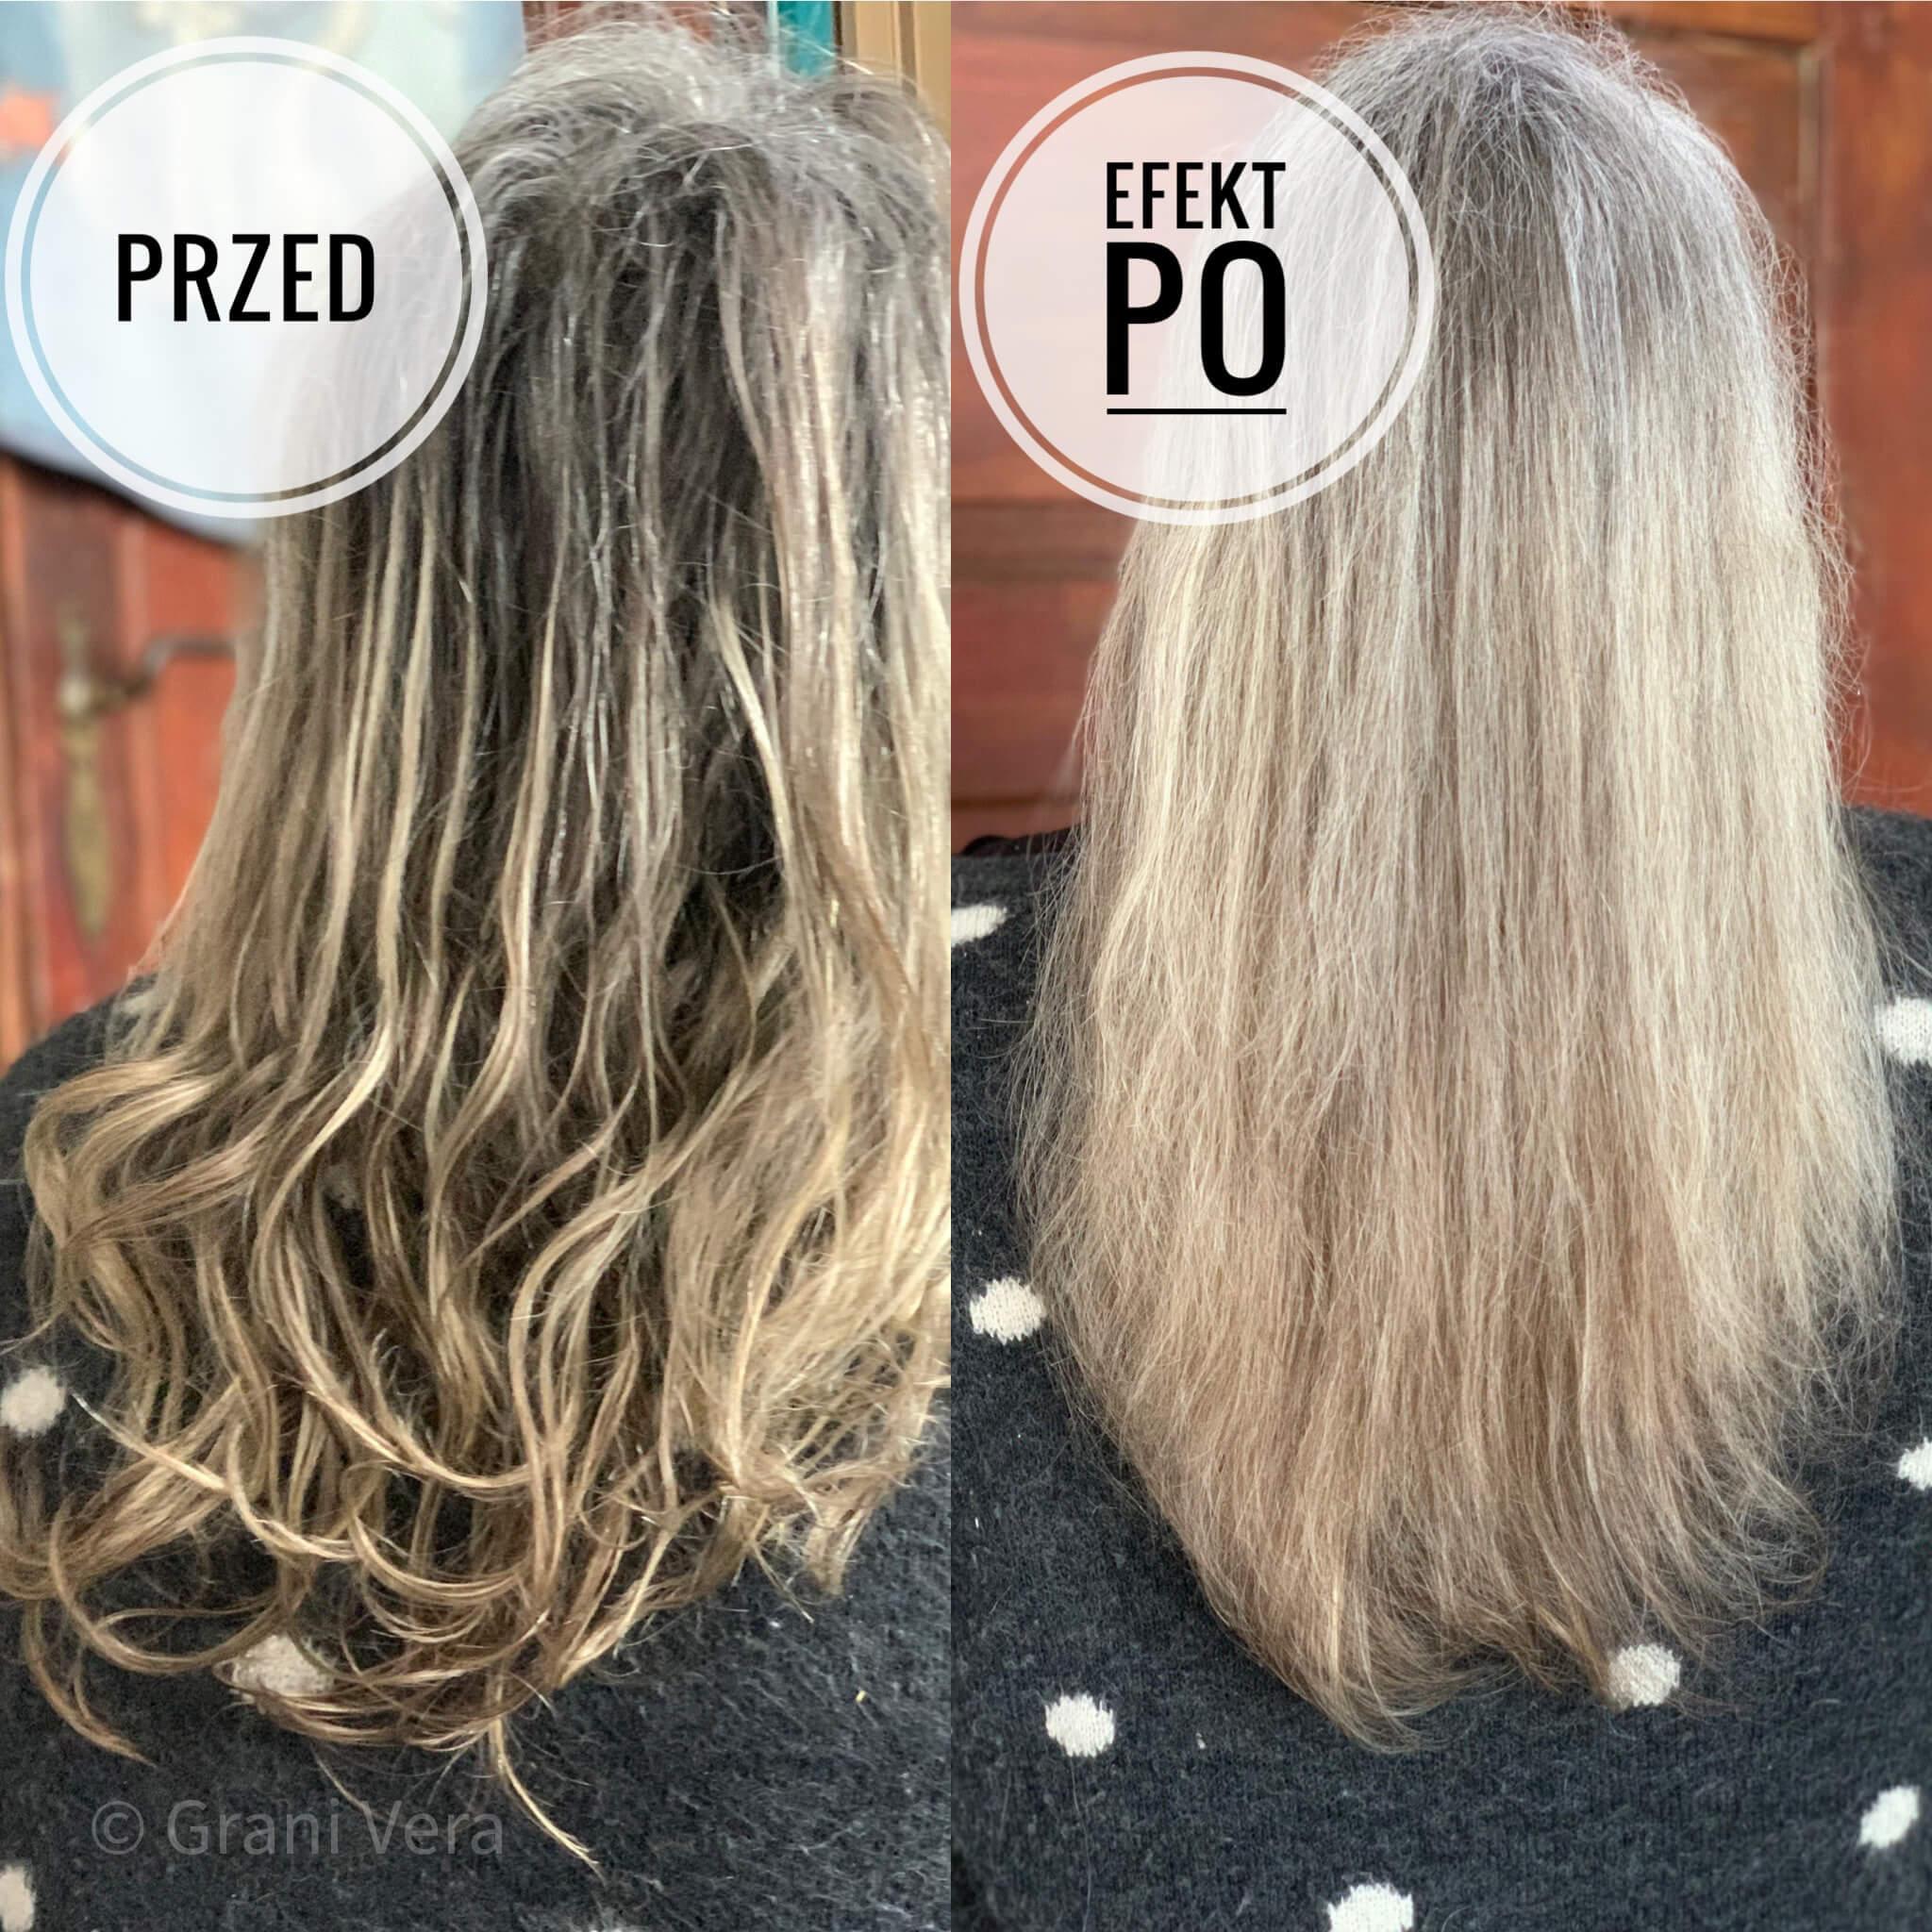 Blonde-toner- spray-efekty-na-włosach